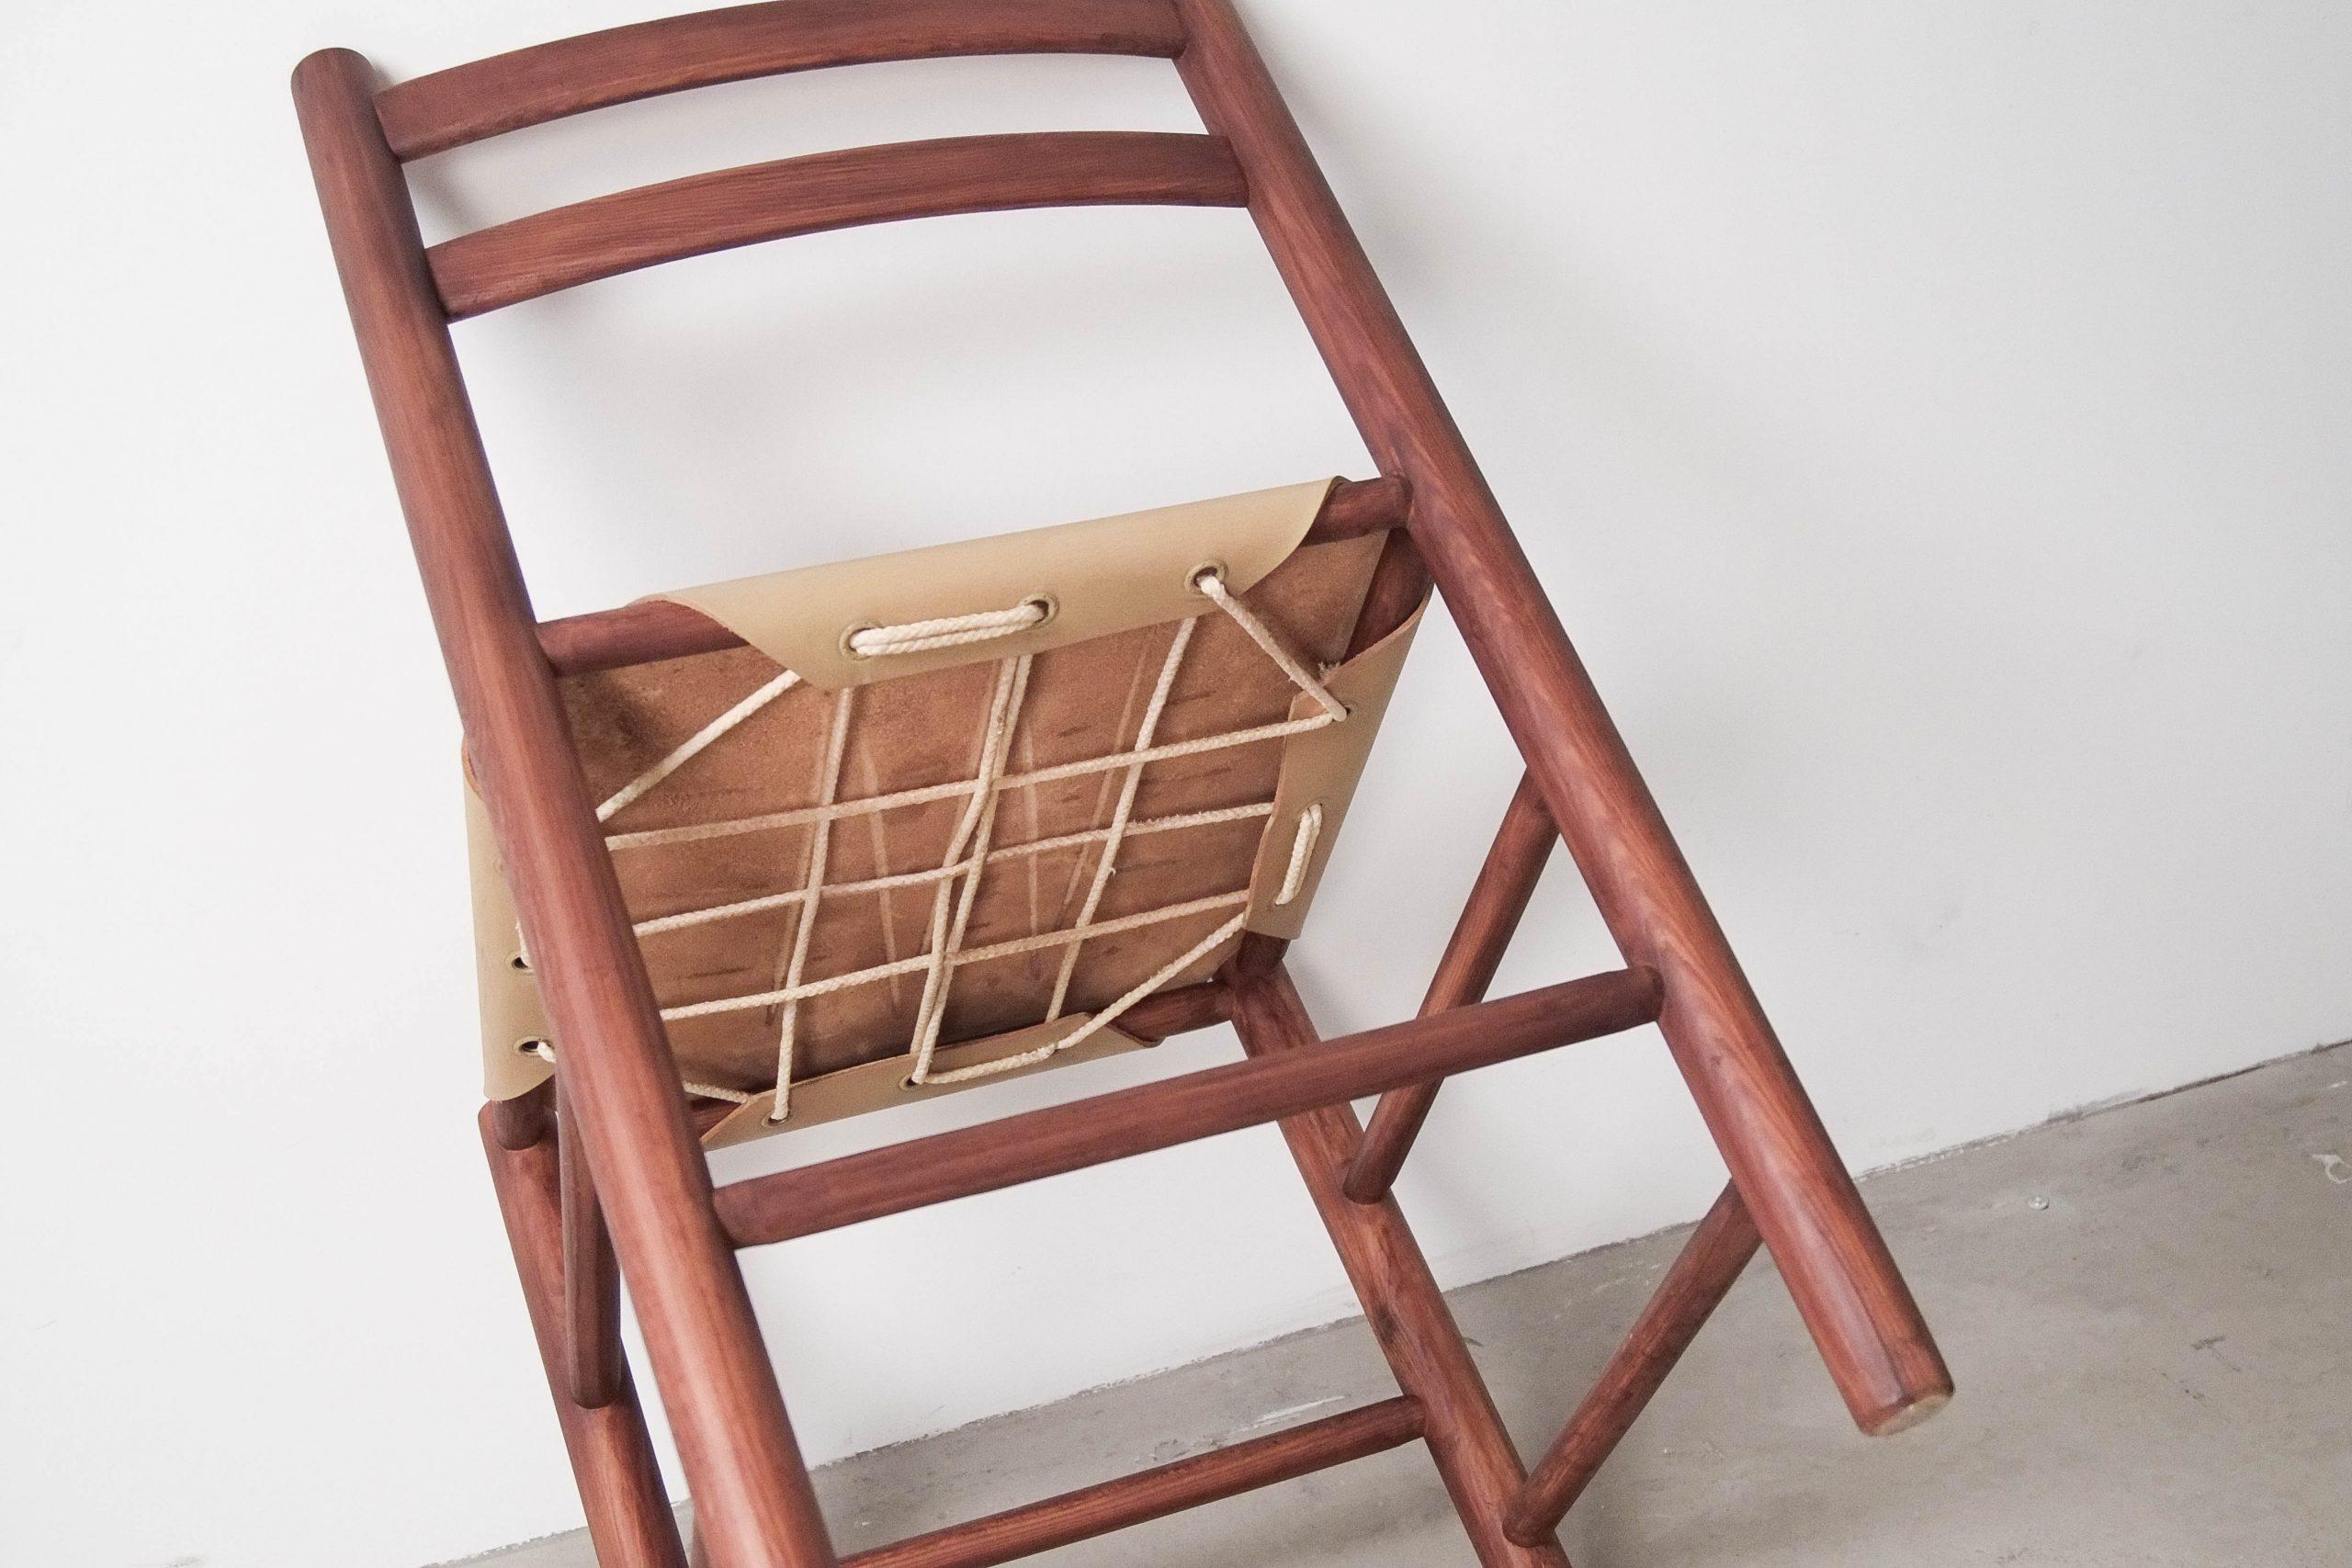 silla artesana vintage madera y piel fabricada a mano